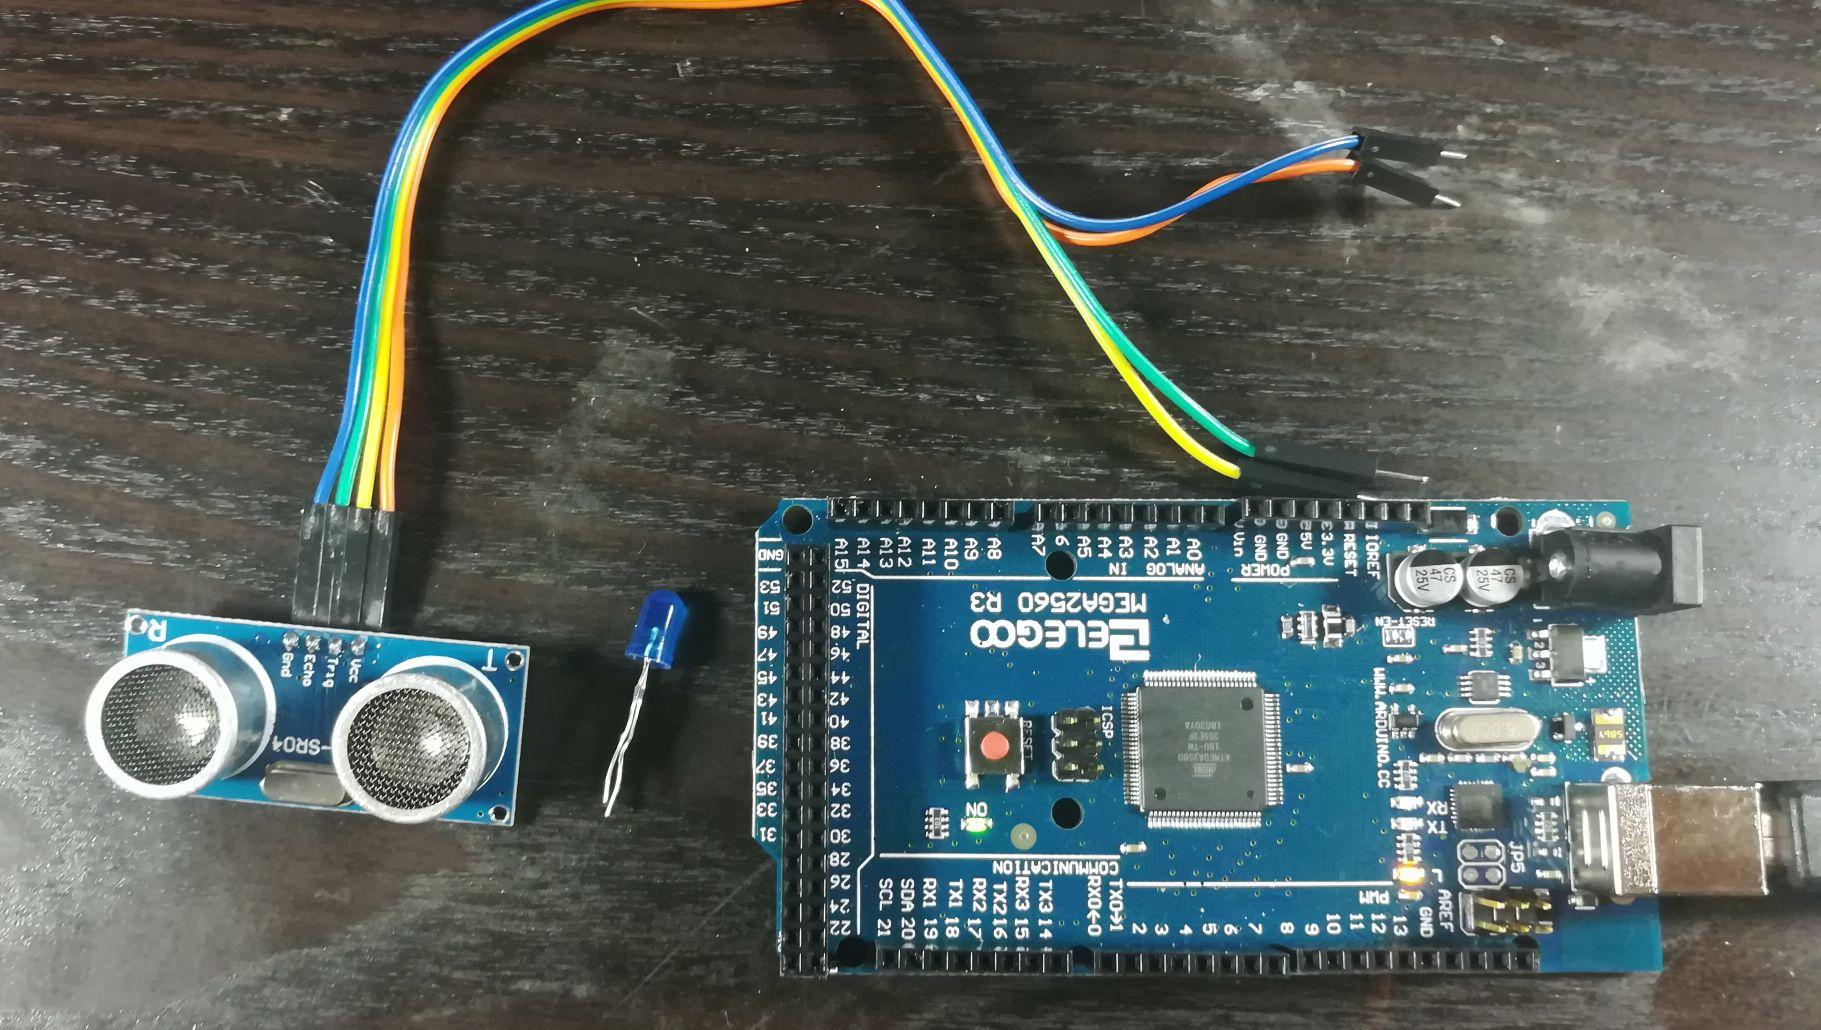 arduino wenn dann schaltung